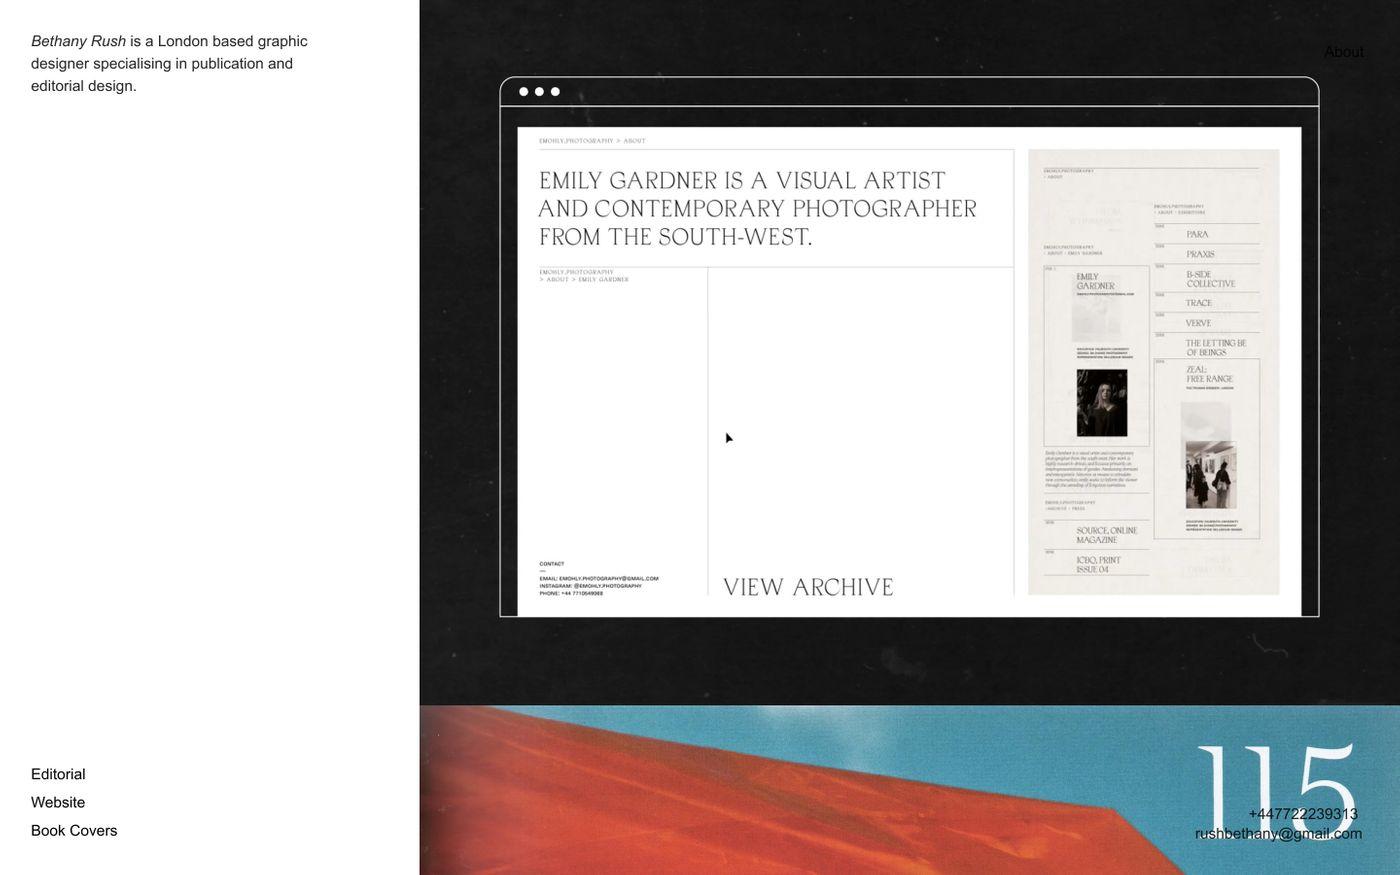 Screenshot of Bethany Rush website